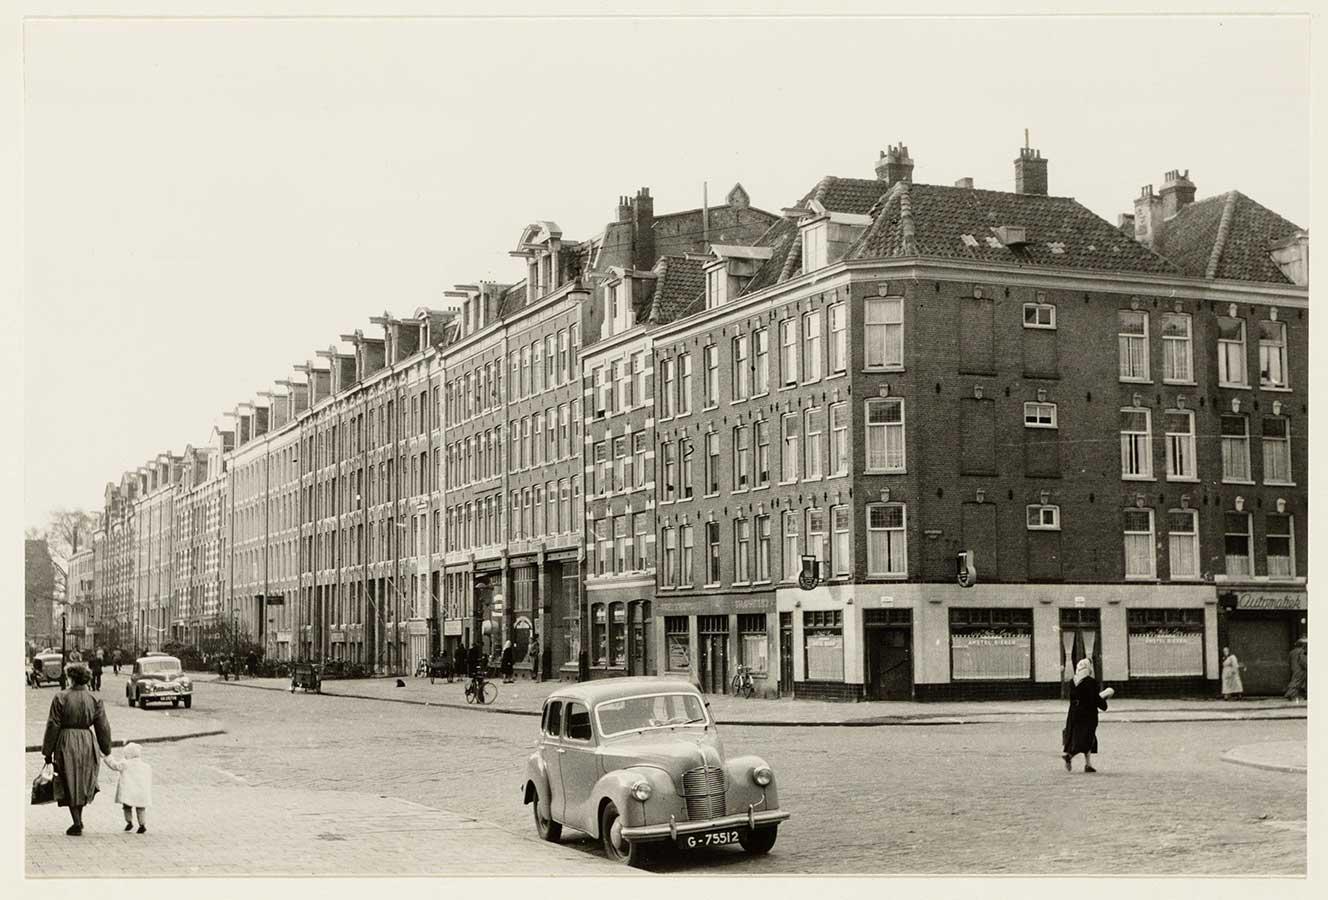 Oude foto van Commelinstraat 1-61 gezien vanaf de Dapperstraat (rond de jaren 40-50?)